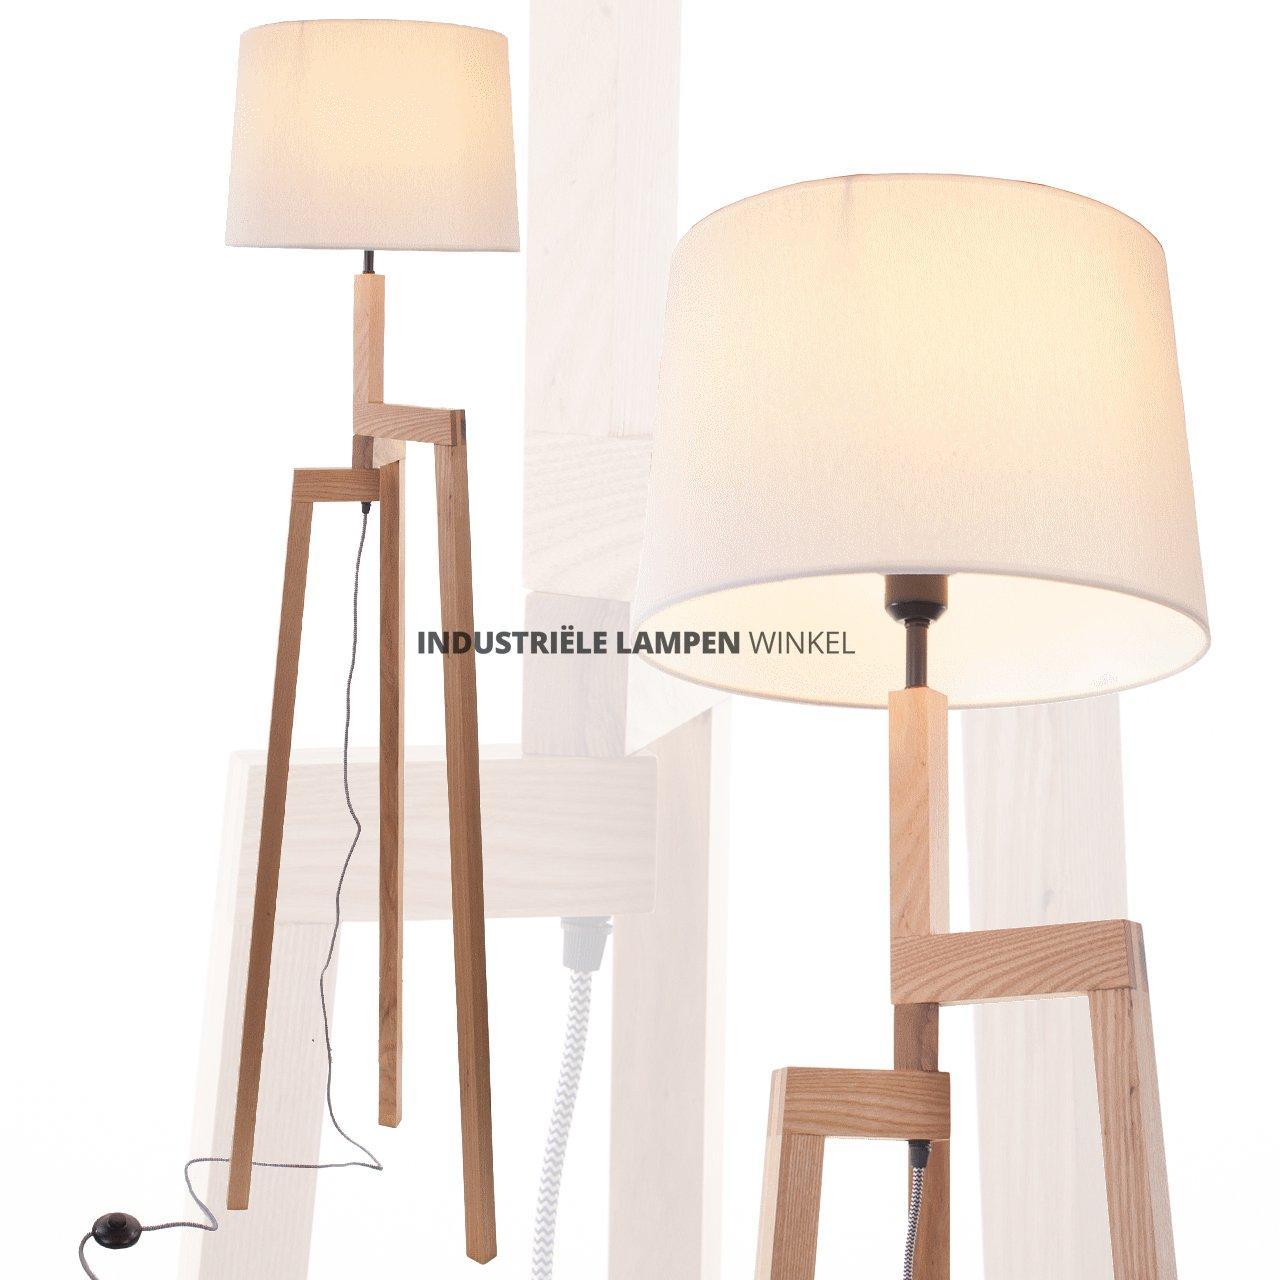 Zeer Houten vloerlamp met drie poten en kap #UF52